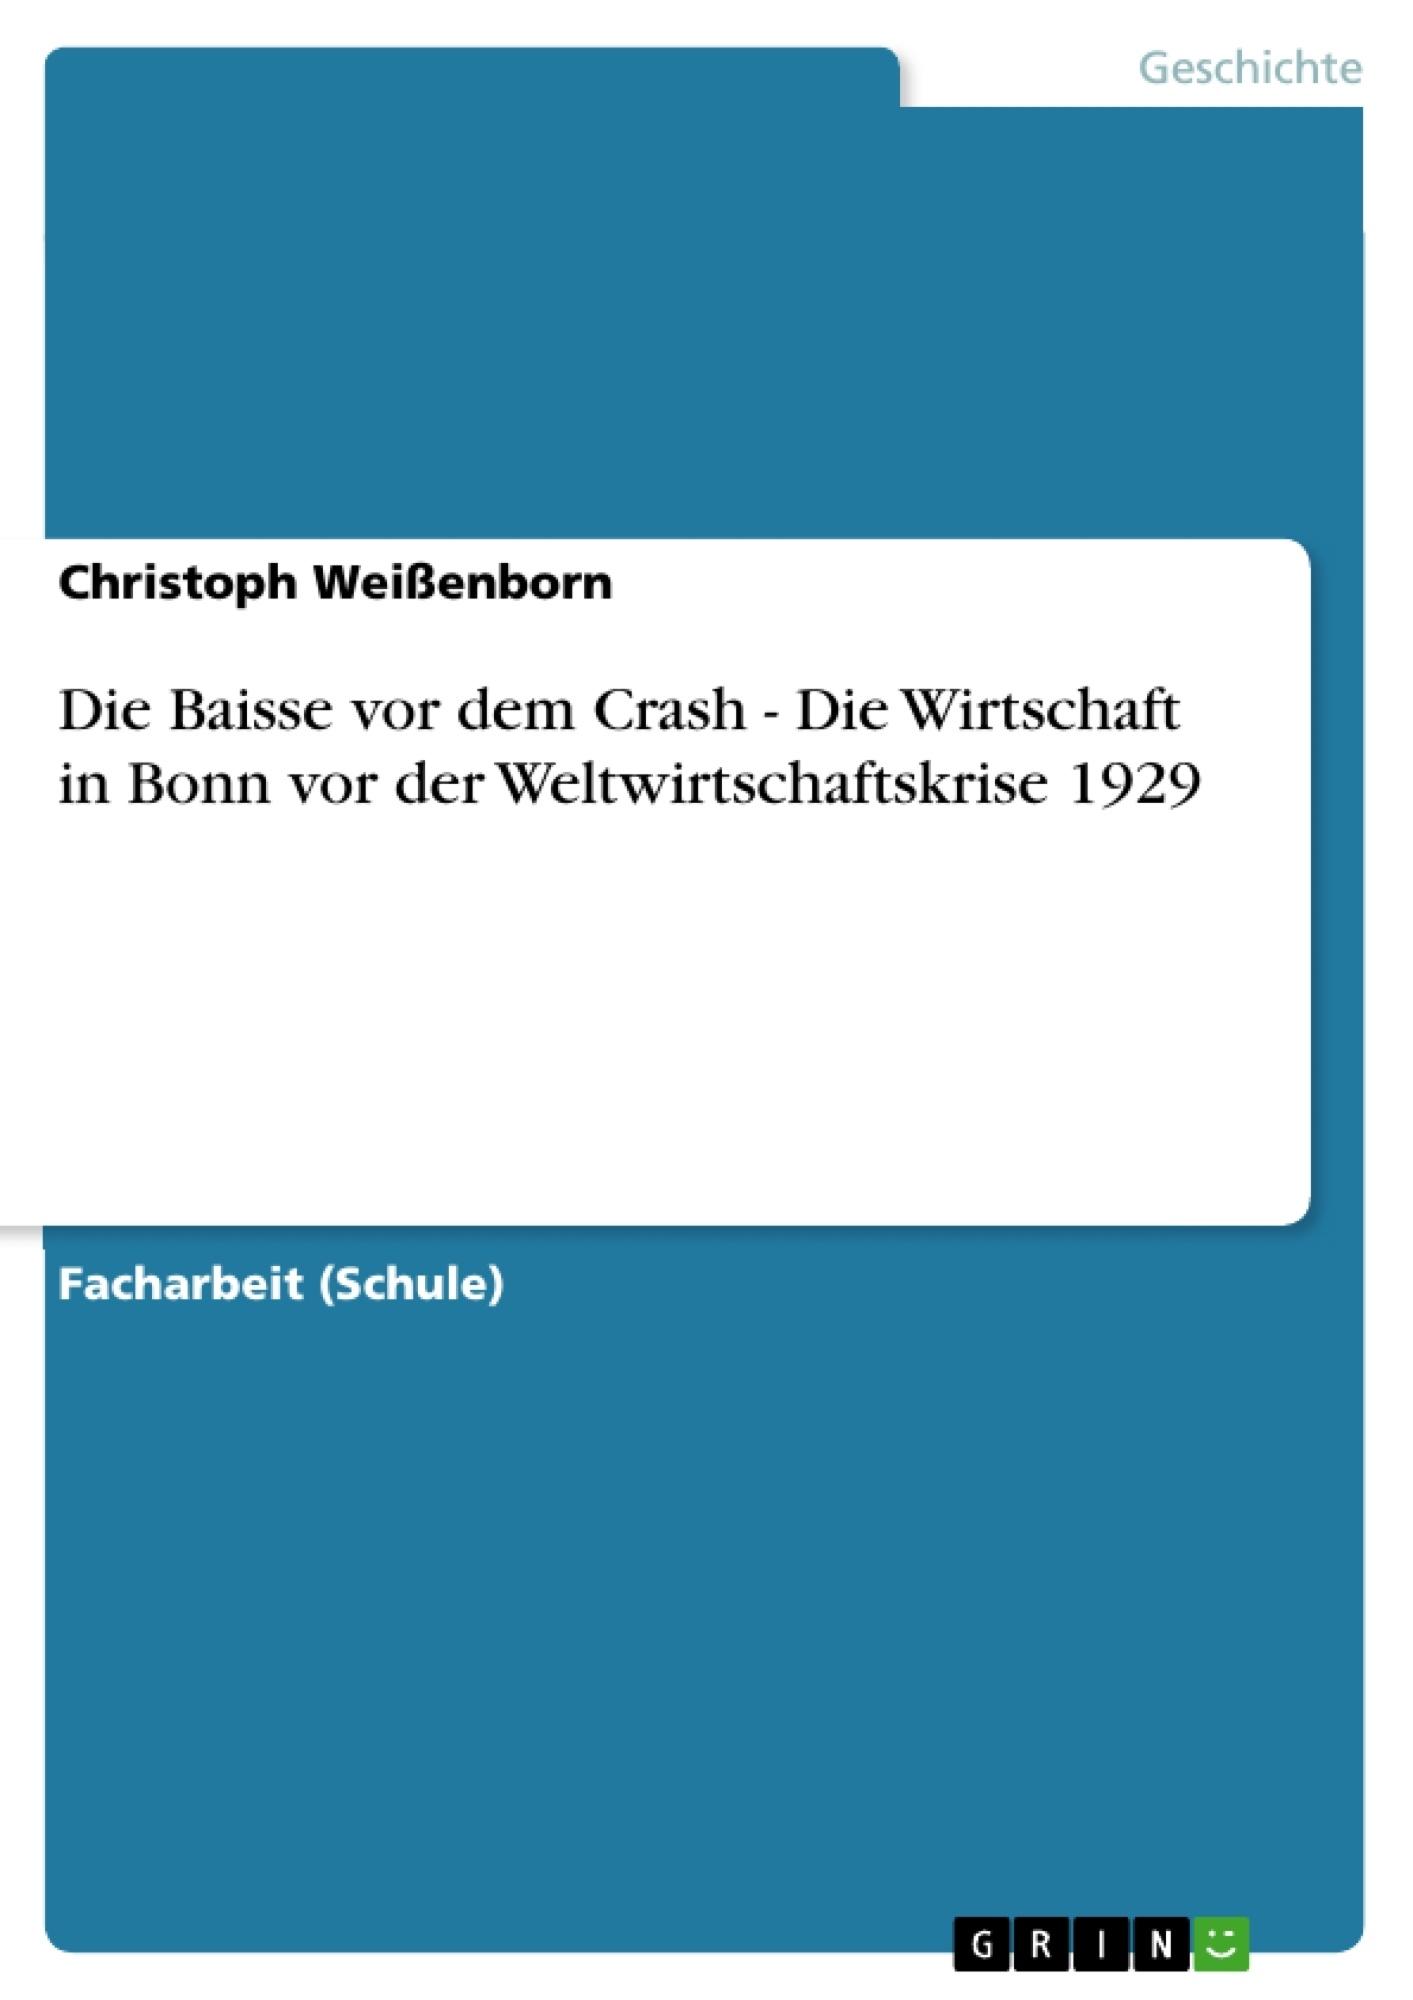 Titel: Die Baisse vor  dem Crash - Die Wirtschaft in Bonn vor der Weltwirtschaftskrise 1929